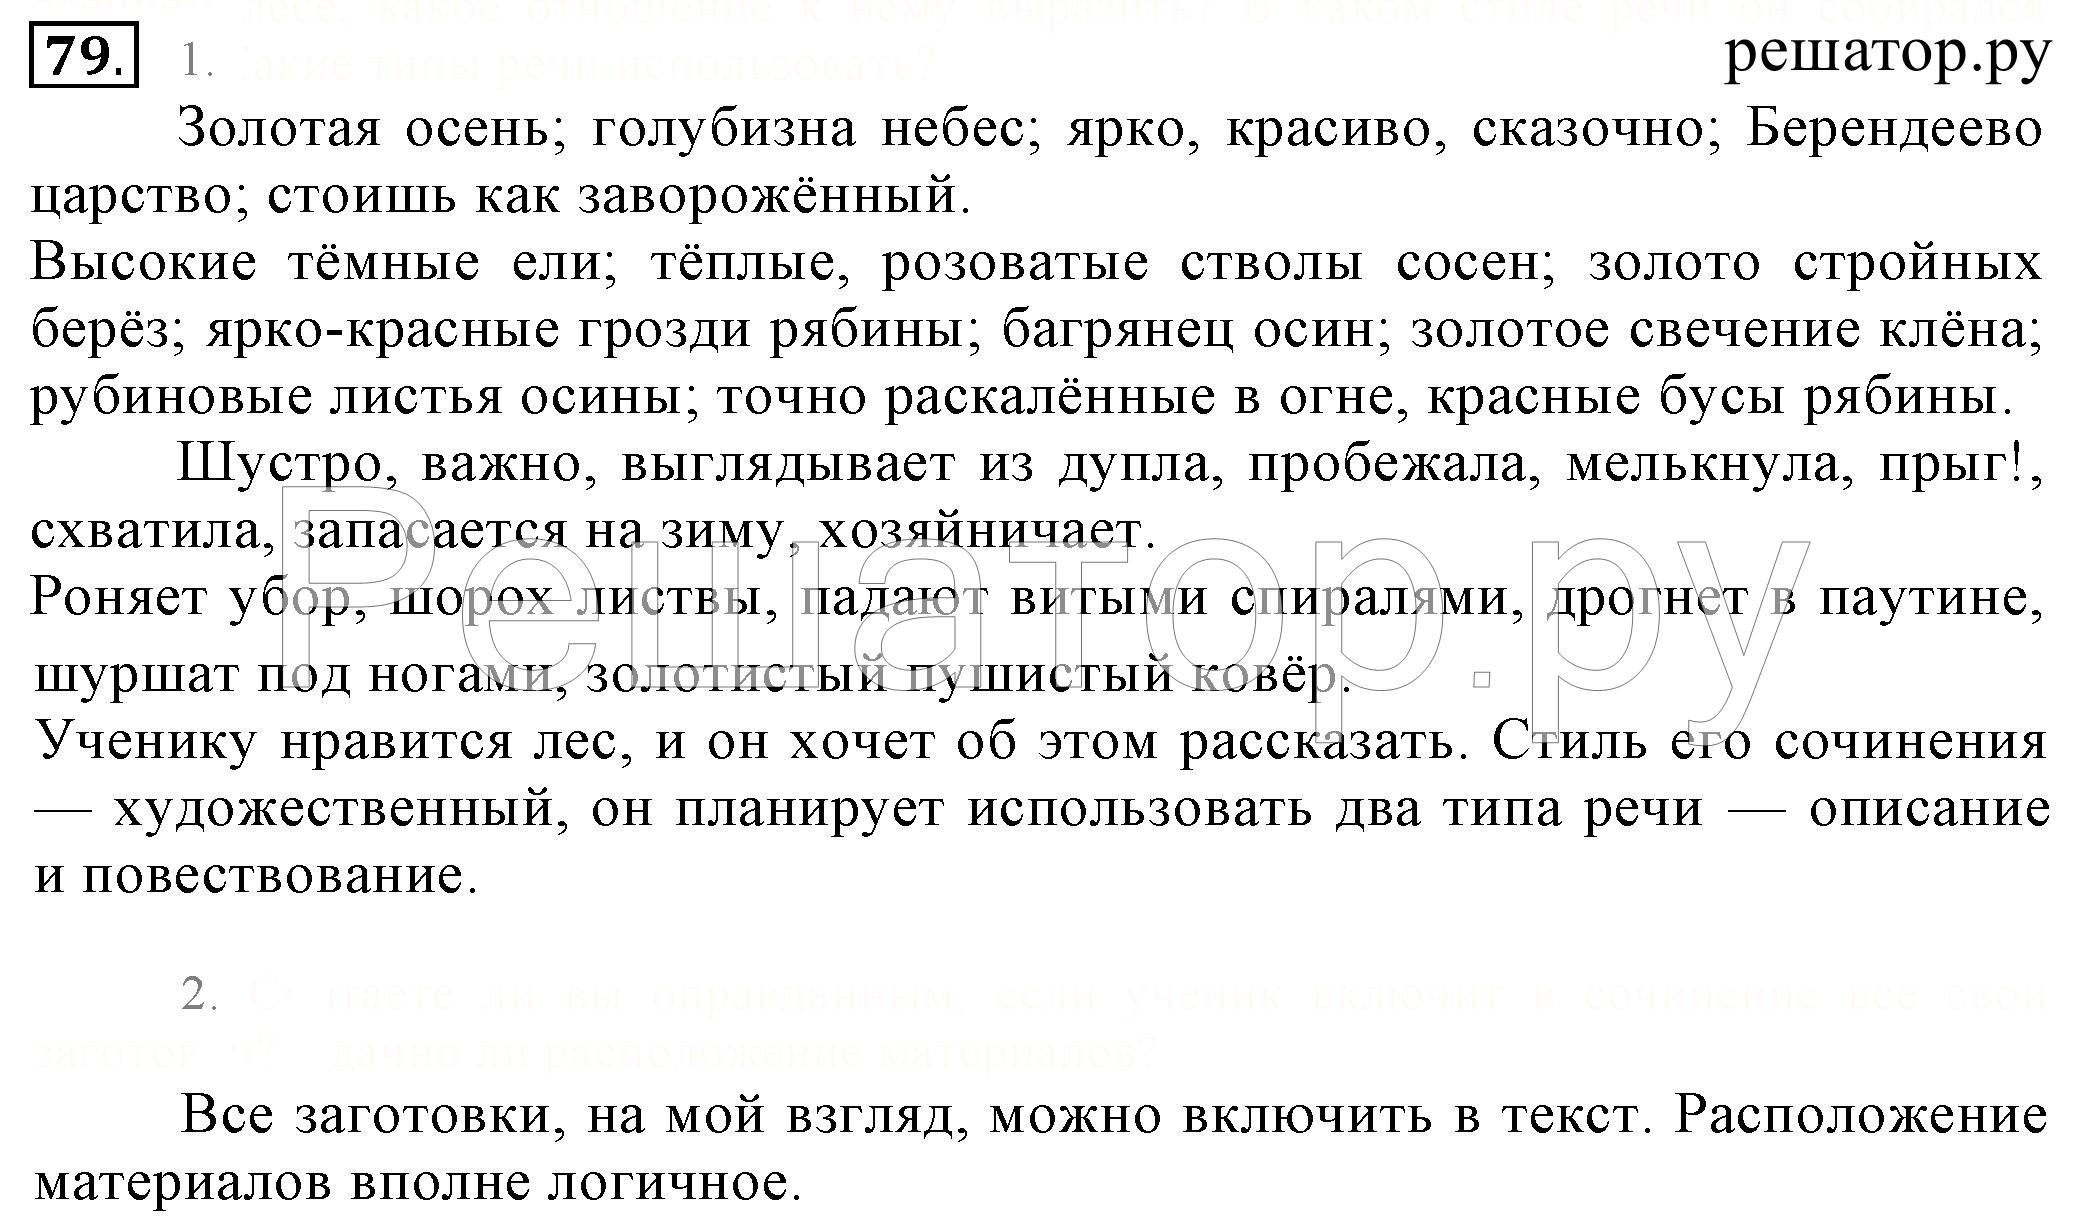 гдз по русскому упражнение 91 6 класс